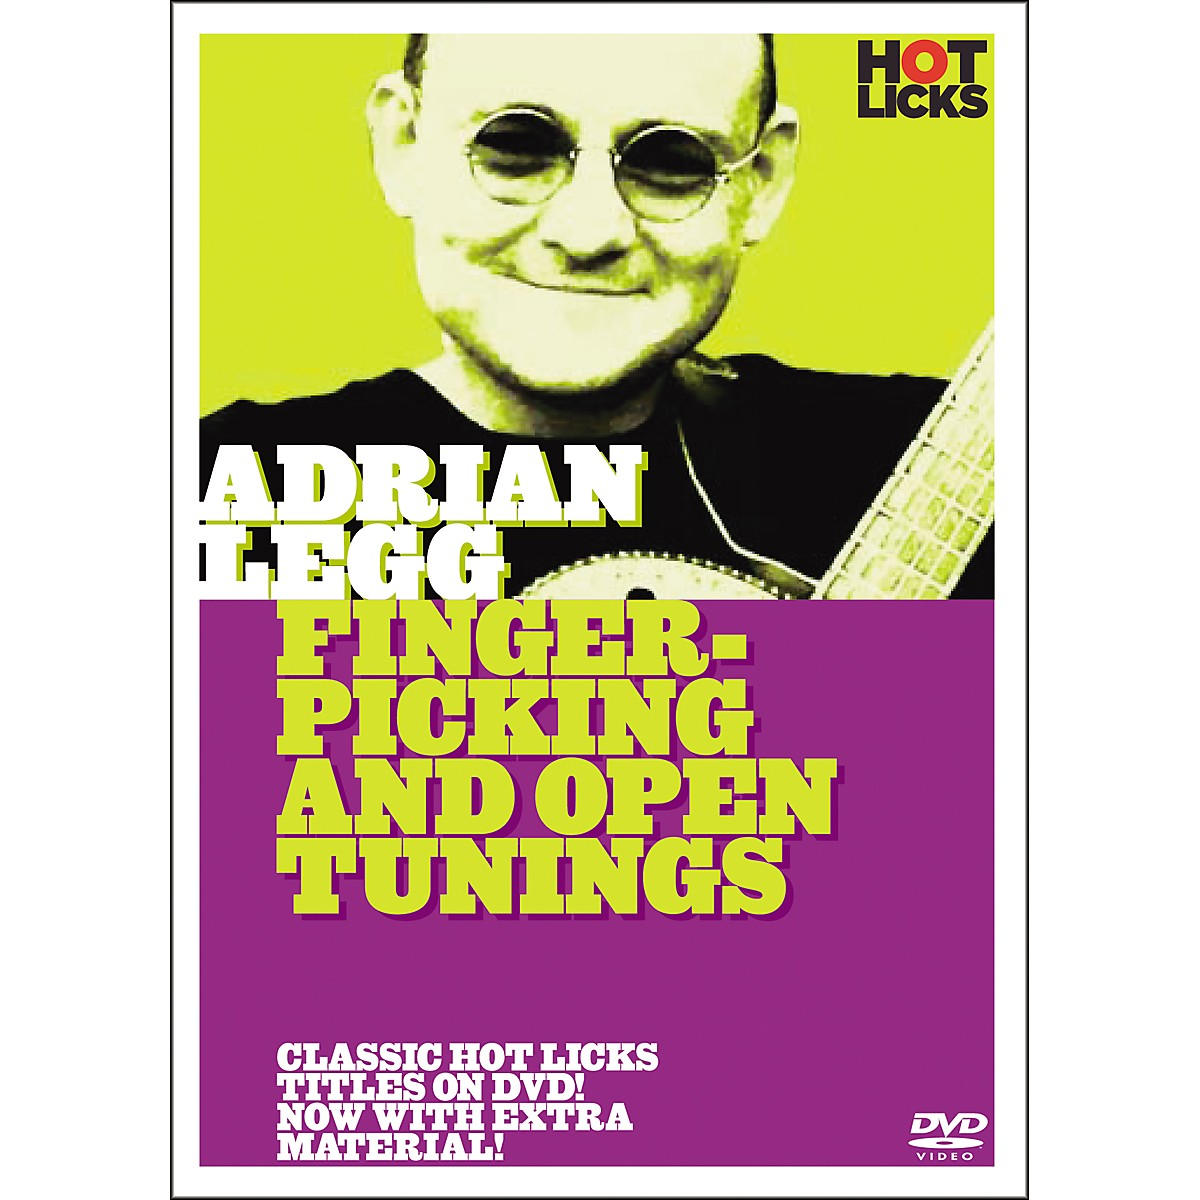 Hot Licks Adrian Legg: Fingerpicking and Open Tunings DVD